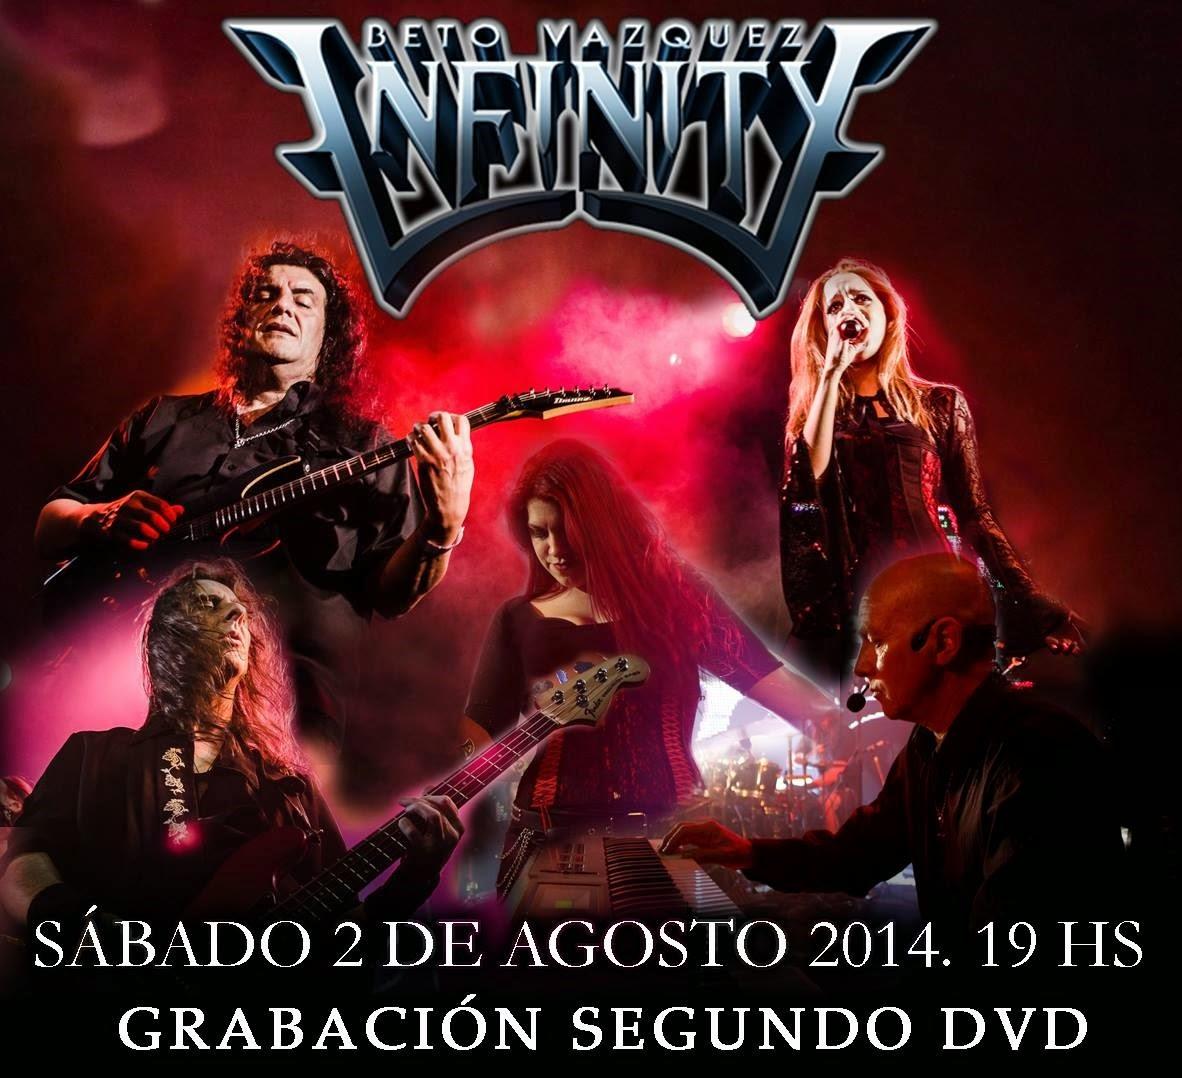 elvuelodelaesfinge.com.ar -2 de agosto 2014 Beto Vazquez Infinity graba nuevo dvd